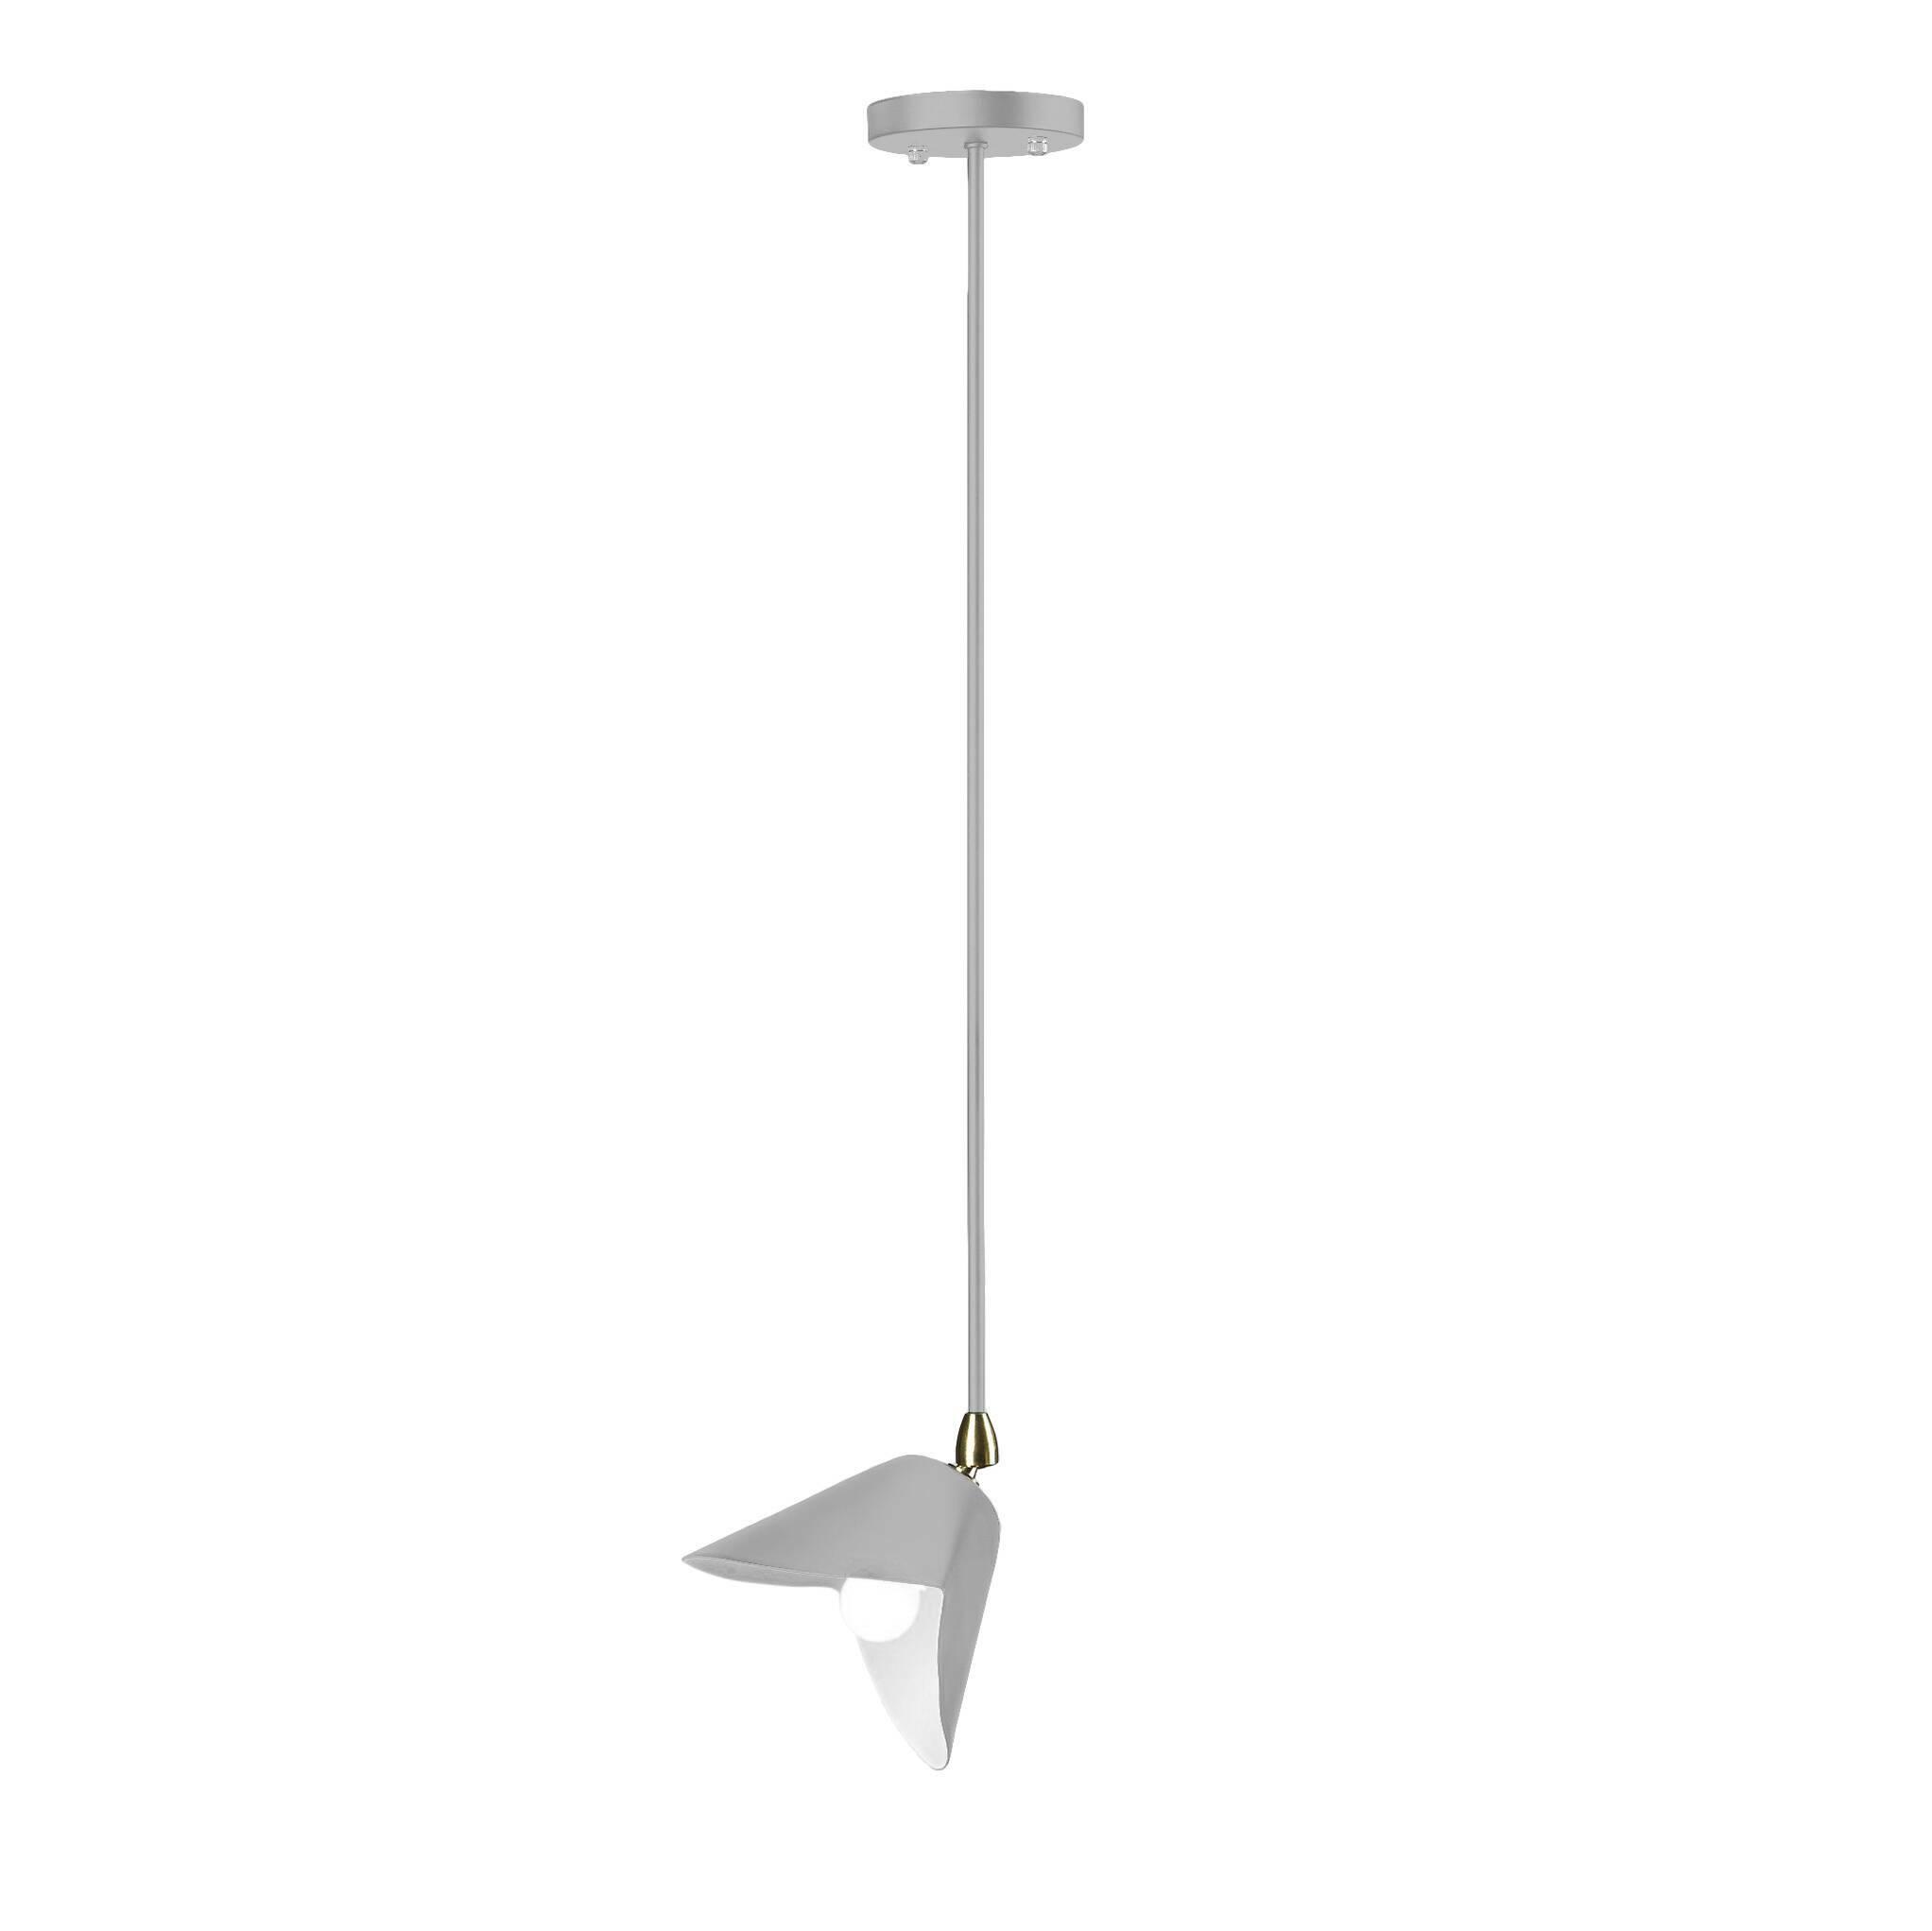 Светильник потолочный Cosmo 15577286 от Cosmorelax